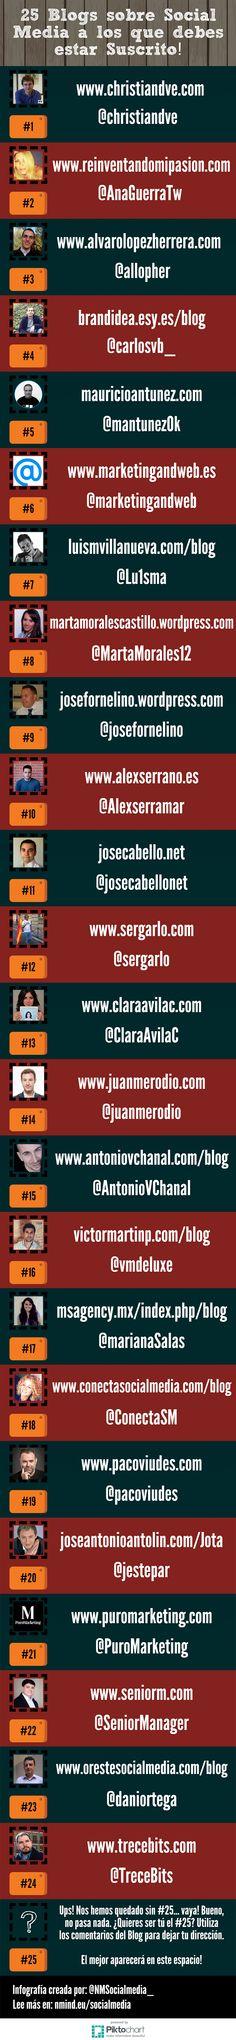 25 blogs sobre social media a los que debes estar suscrito. Infografía en español. #CommunityManager